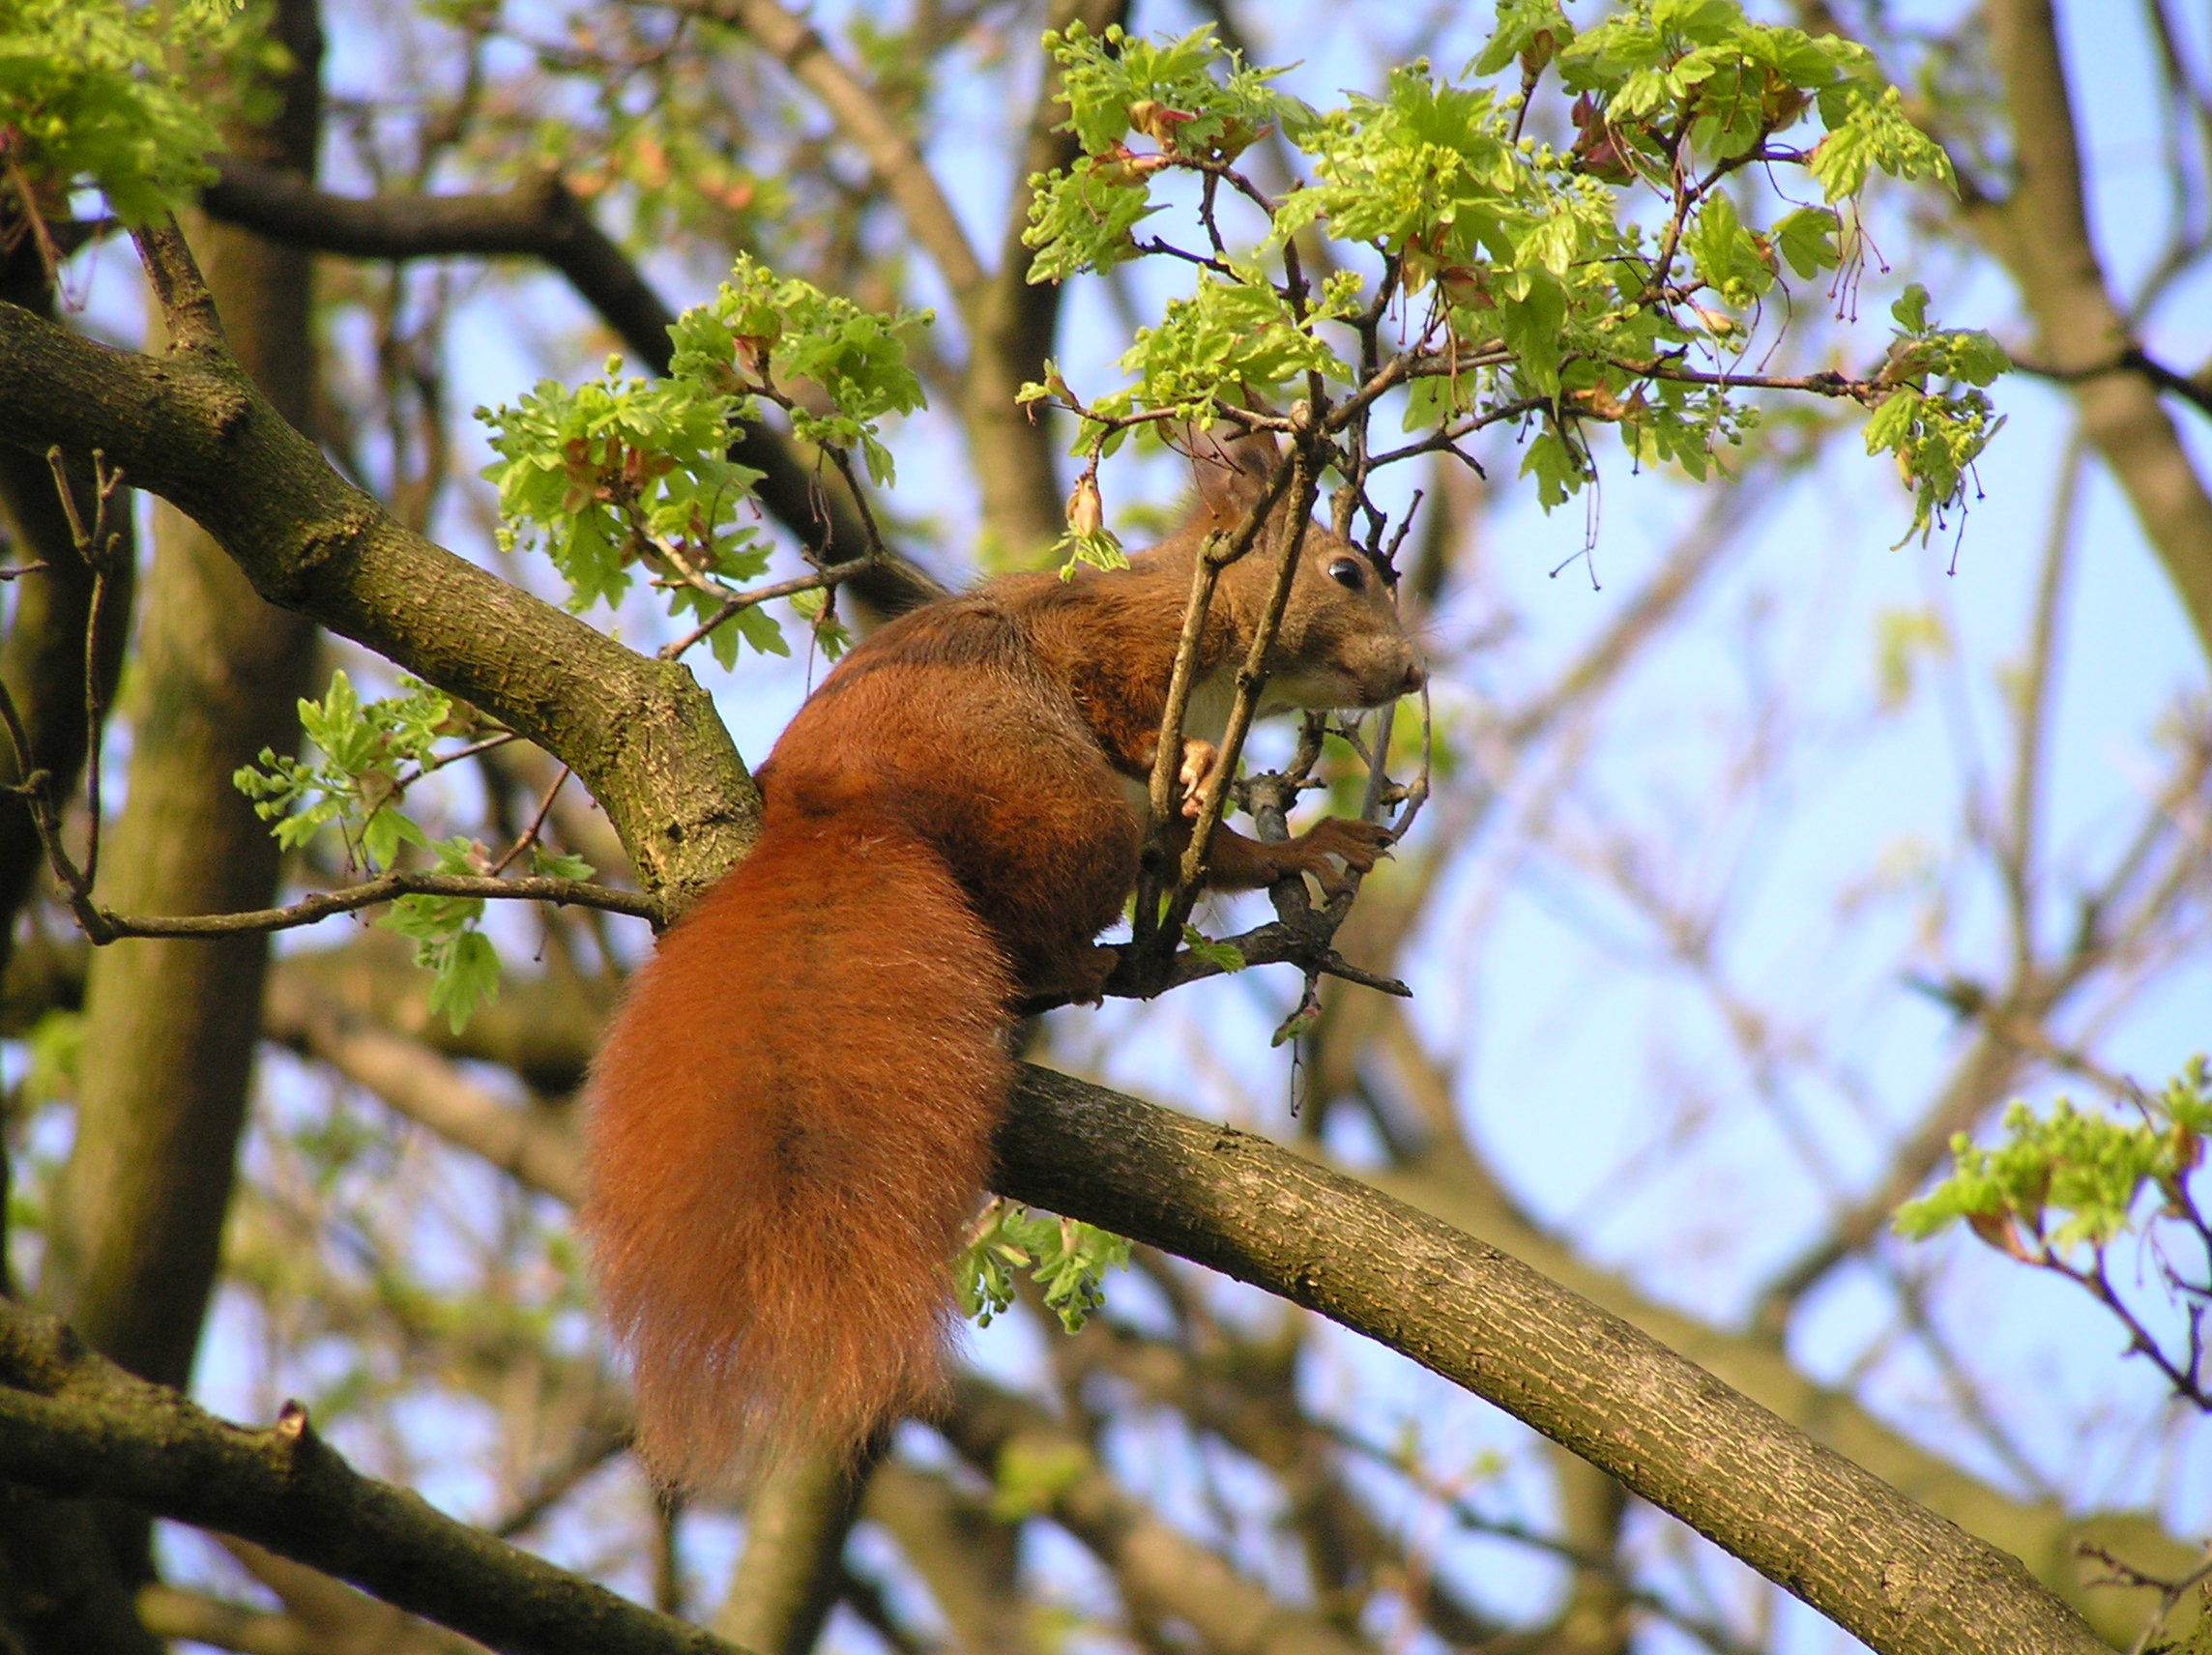 photos von einem eichhörnchen im baum